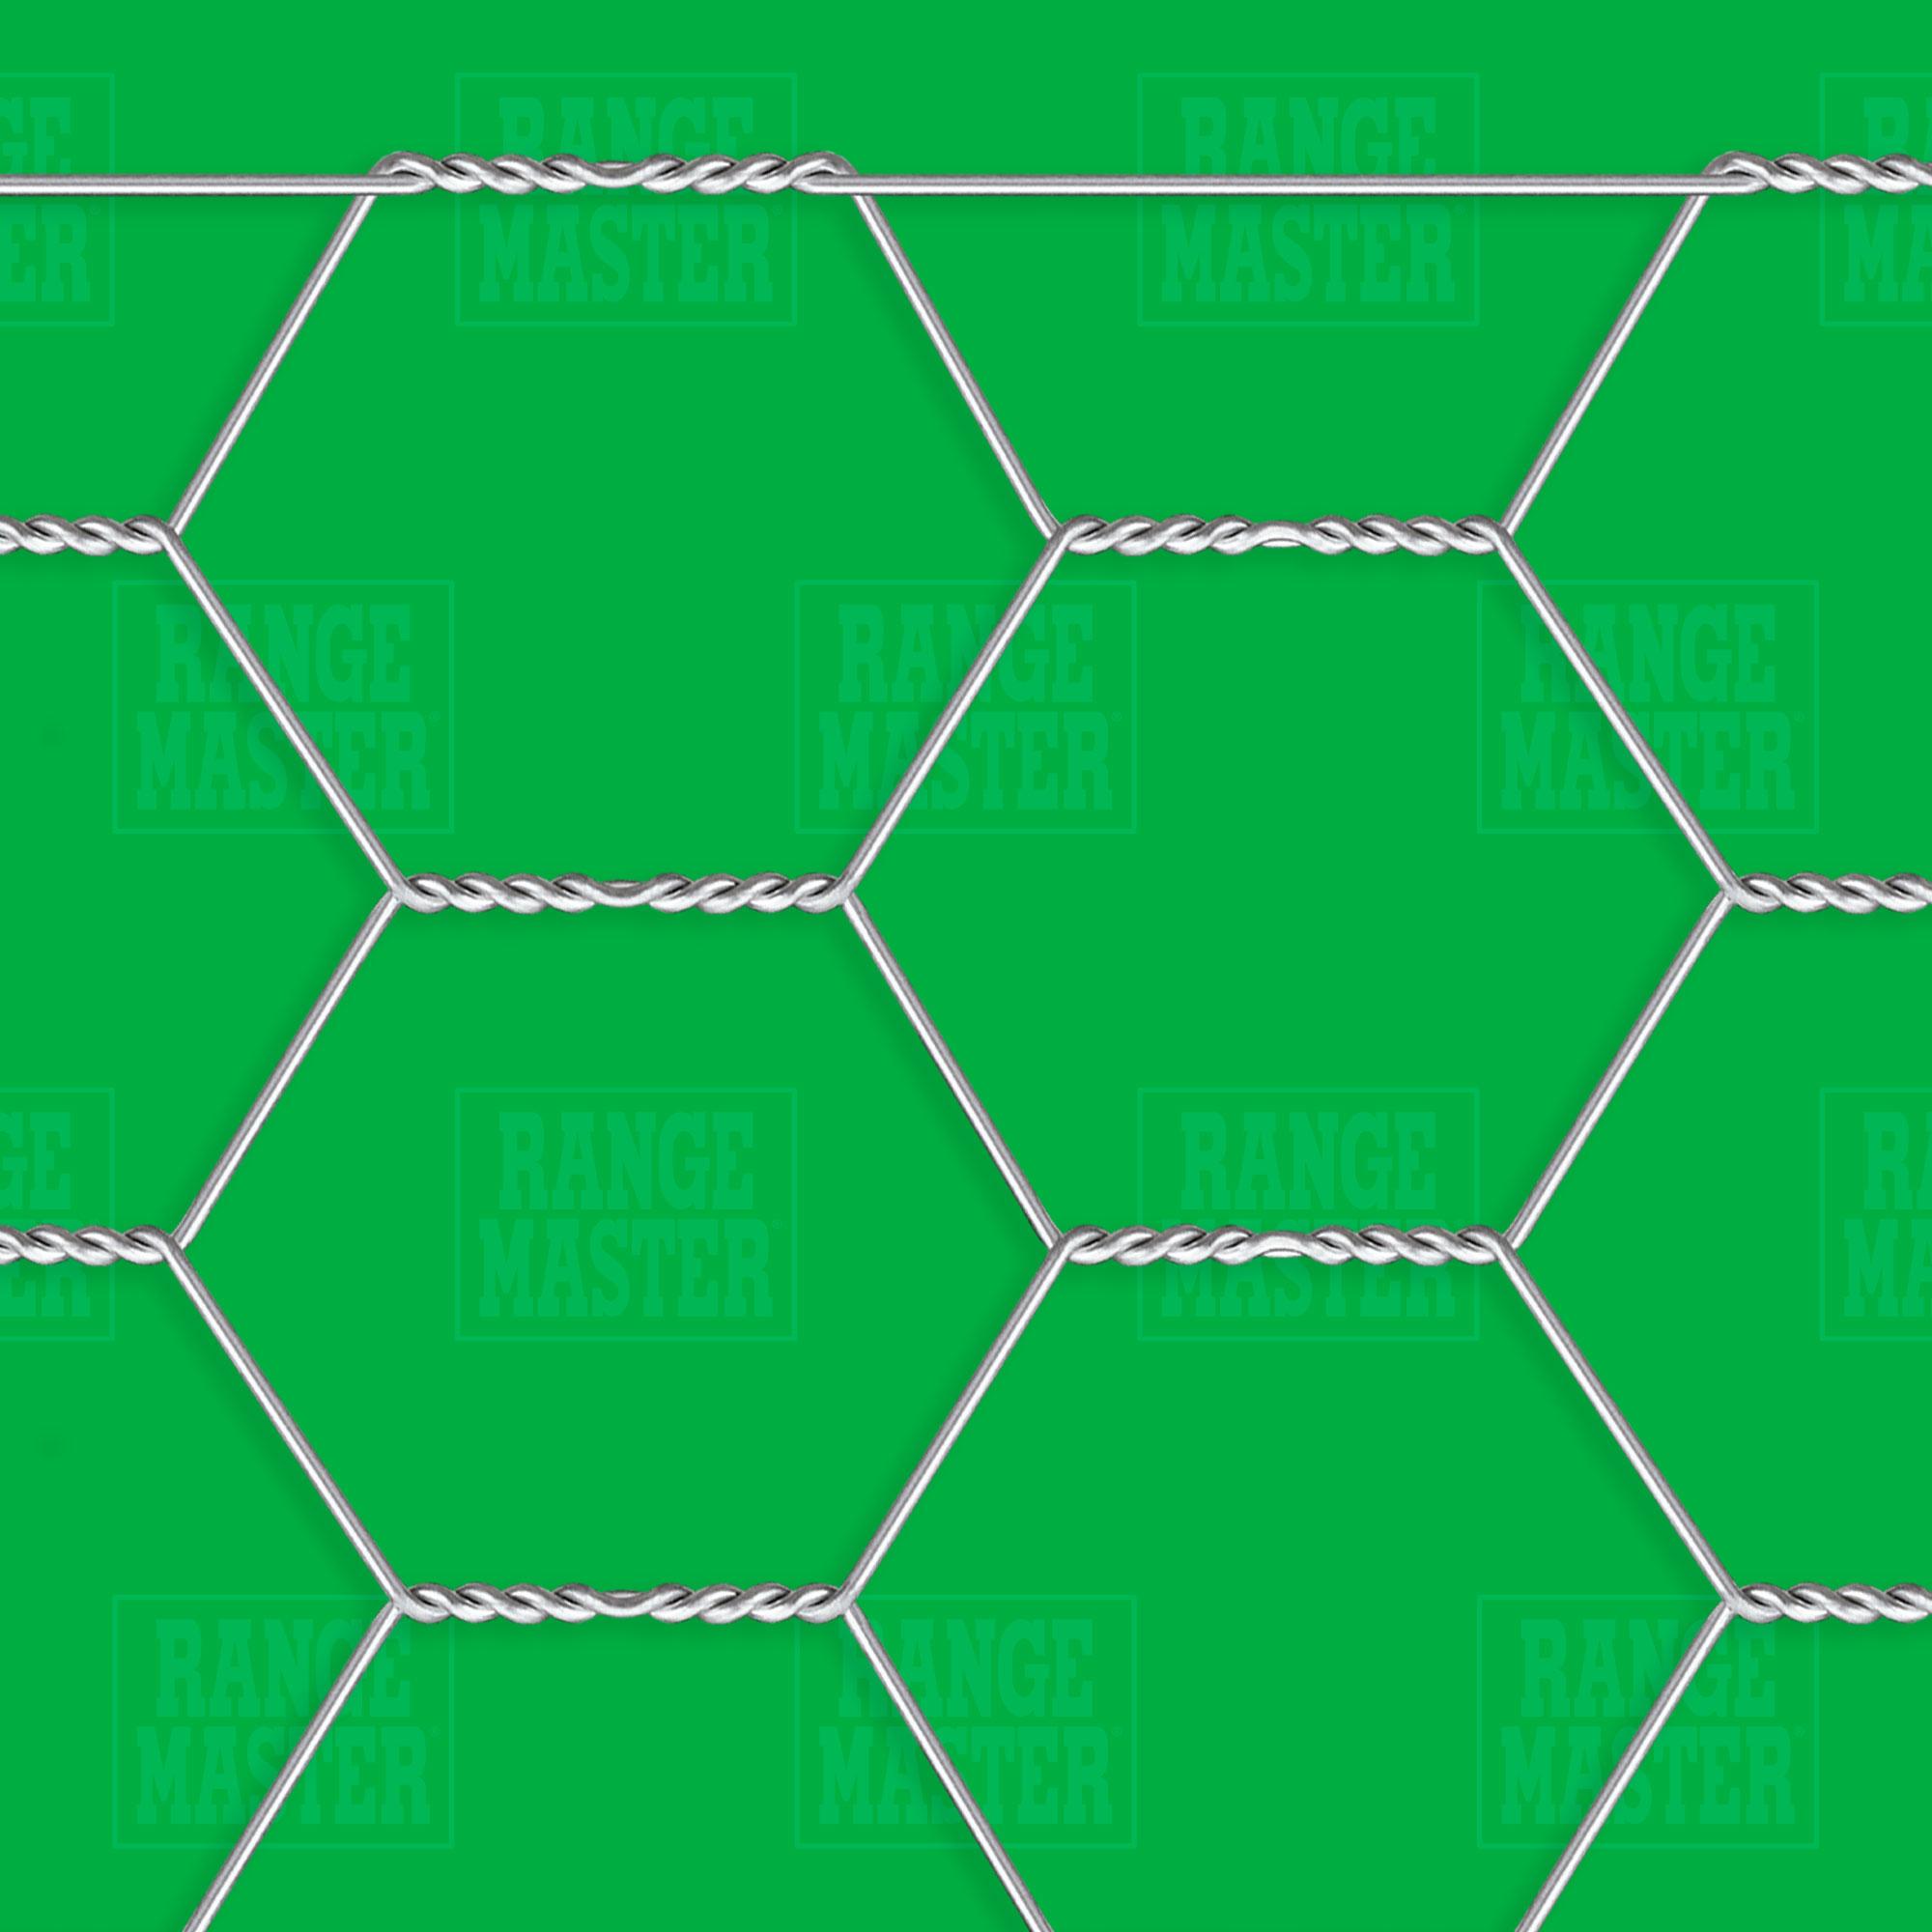 Handi Roll Hexagonal Netting